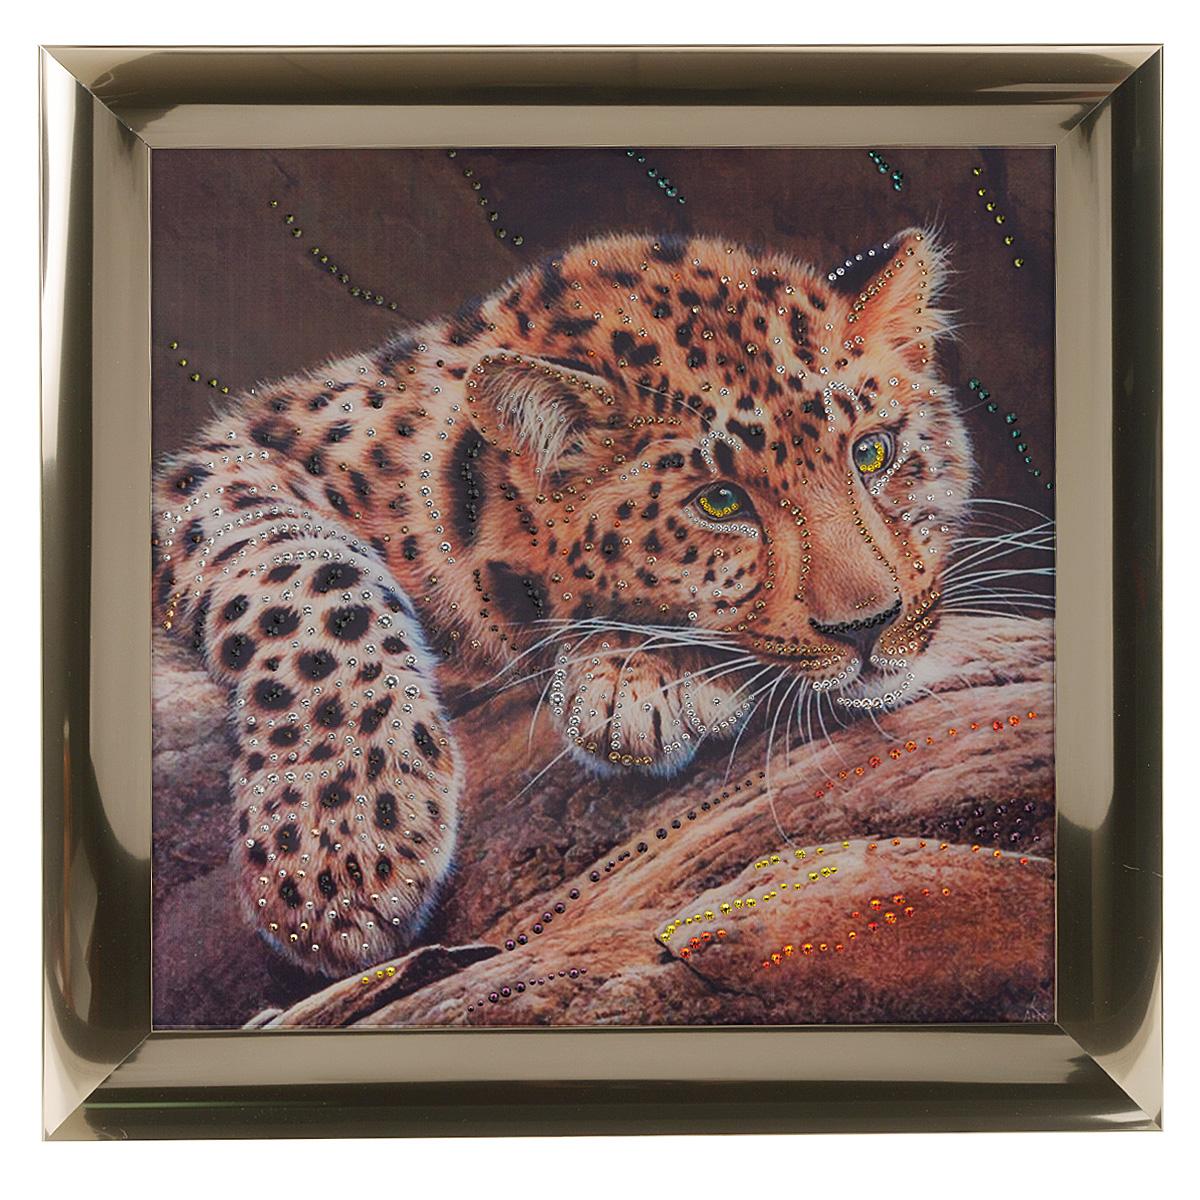 Картина с кристаллами Swarovski Леопард, 47 см х 47 смPM-4001Изящная картина в металлической раме, инкрустирована кристаллами Swarovski, которые отличаются четкой и ровной огранкой, ярким блеском и чистотой цвета. Красочное изображение леопарда, расположенное под стеклом, прекрасно дополняет блеск кристаллов. С обратной стороны имеется металлическая петелька для размещения картины на стене. Картина с кристаллами Swarovski Леопард элегантно украсит интерьер дома или офиса, а также станет прекрасным подарком, который обязательно понравится получателю. Блеск кристаллов в интерьере, что может быть сказочнее и удивительнее. Картина упакована в подарочную картонную коробку синего цвета и комплектуется сертификатом соответствия Swarovski.